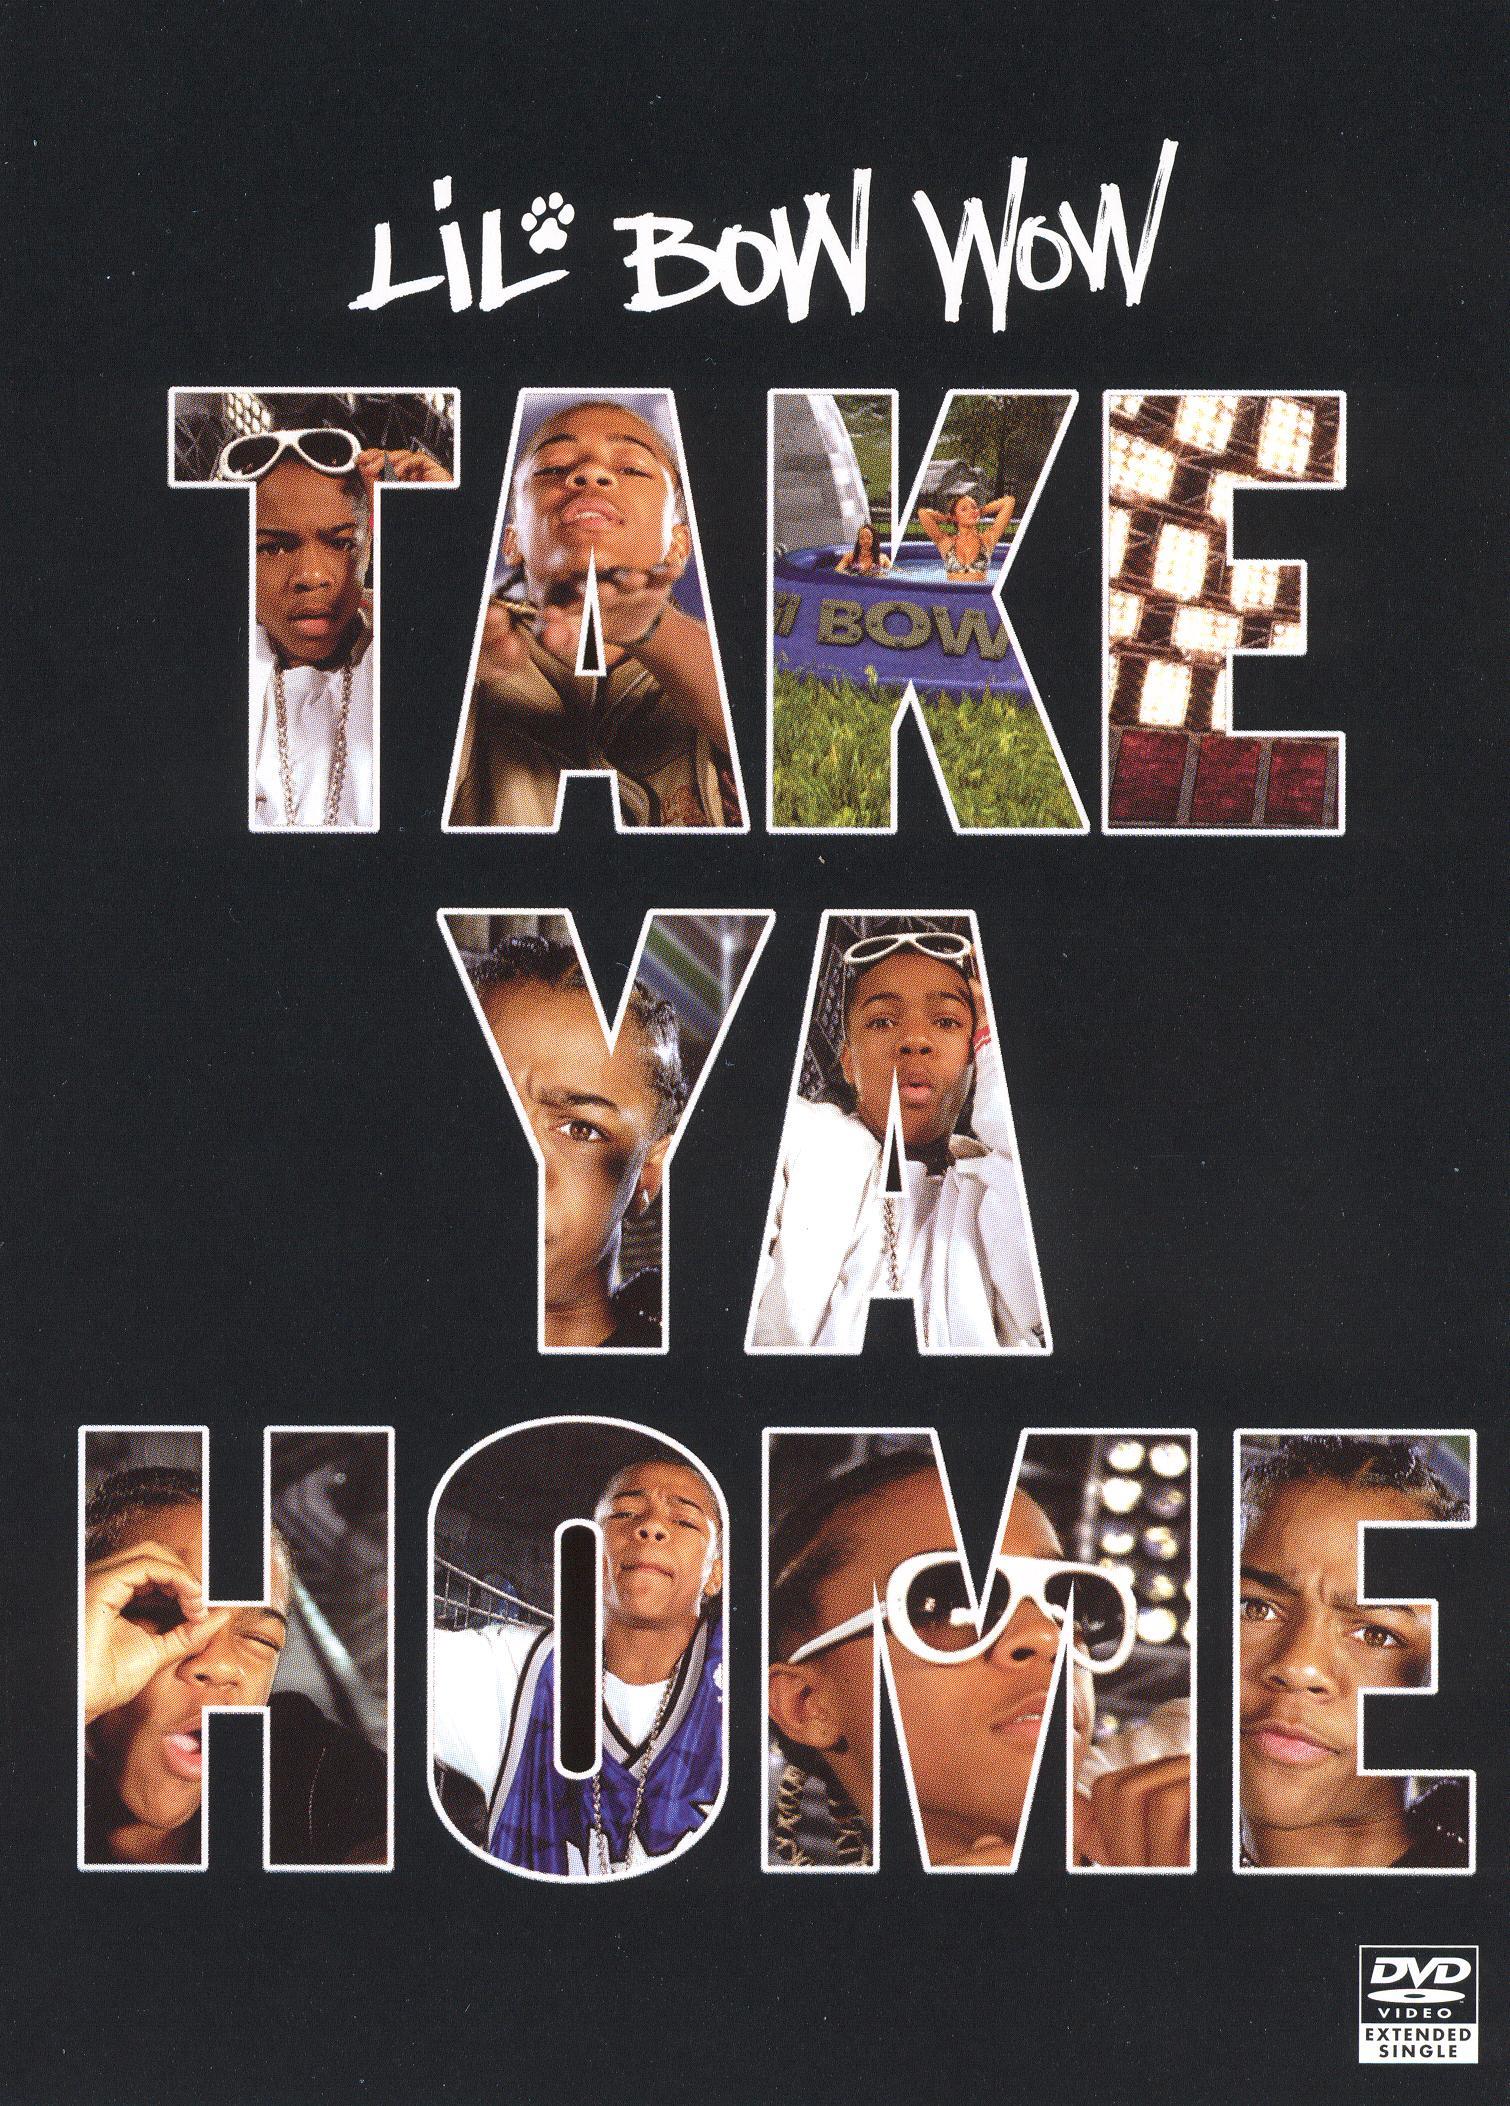 Lil Bow Wow: Take Ya Home/Thank You  [DVD Single]